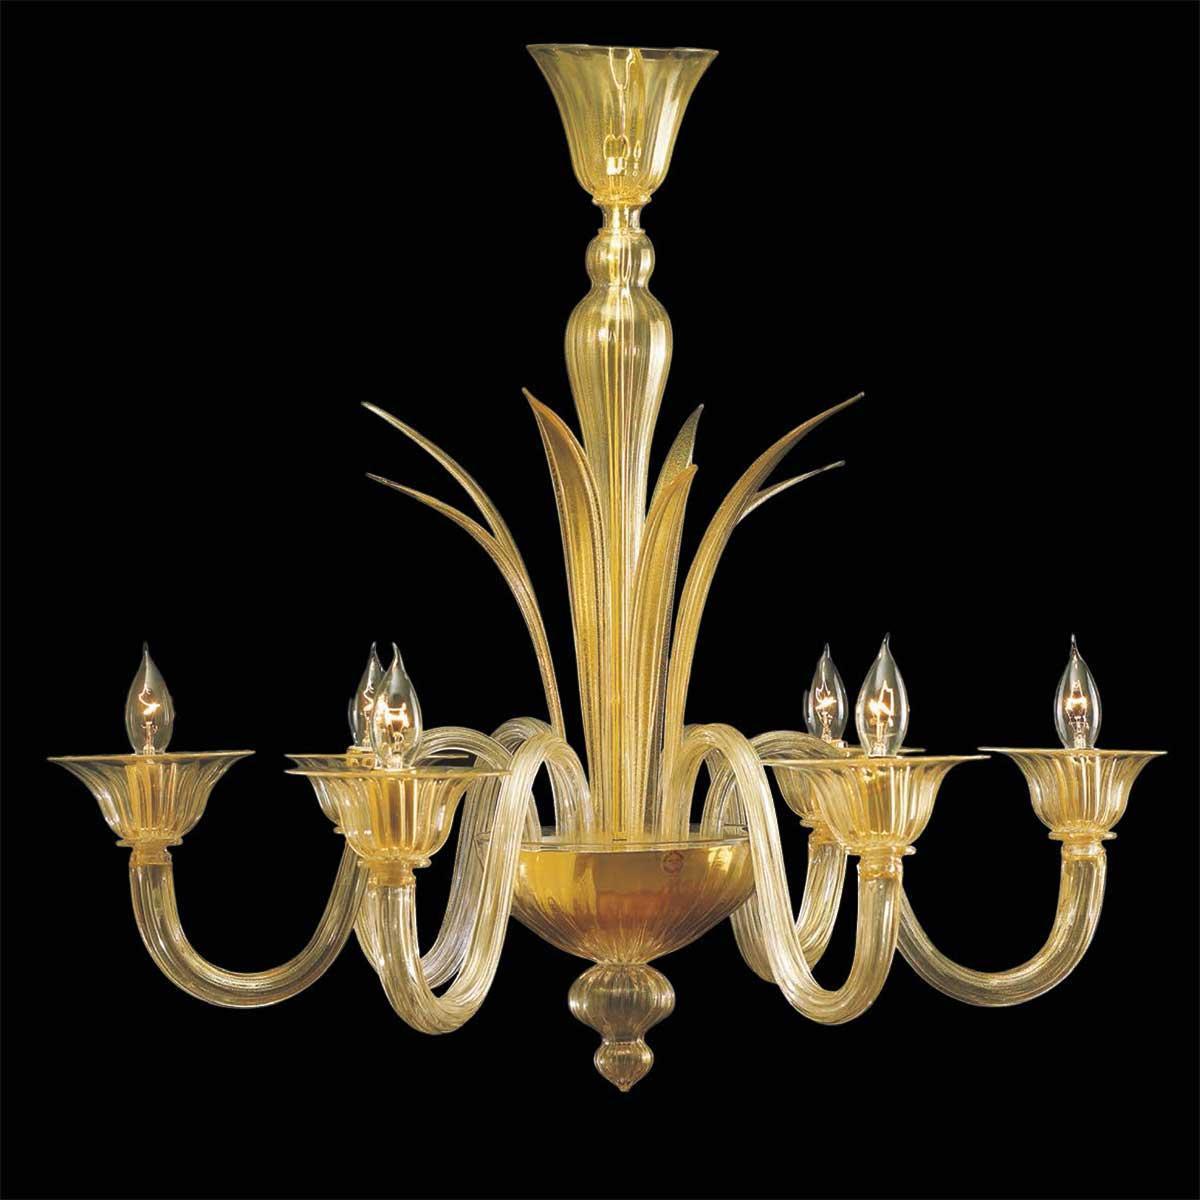 """""""Aladino"""" lampara de araña de Murano - 6 luces - oro"""